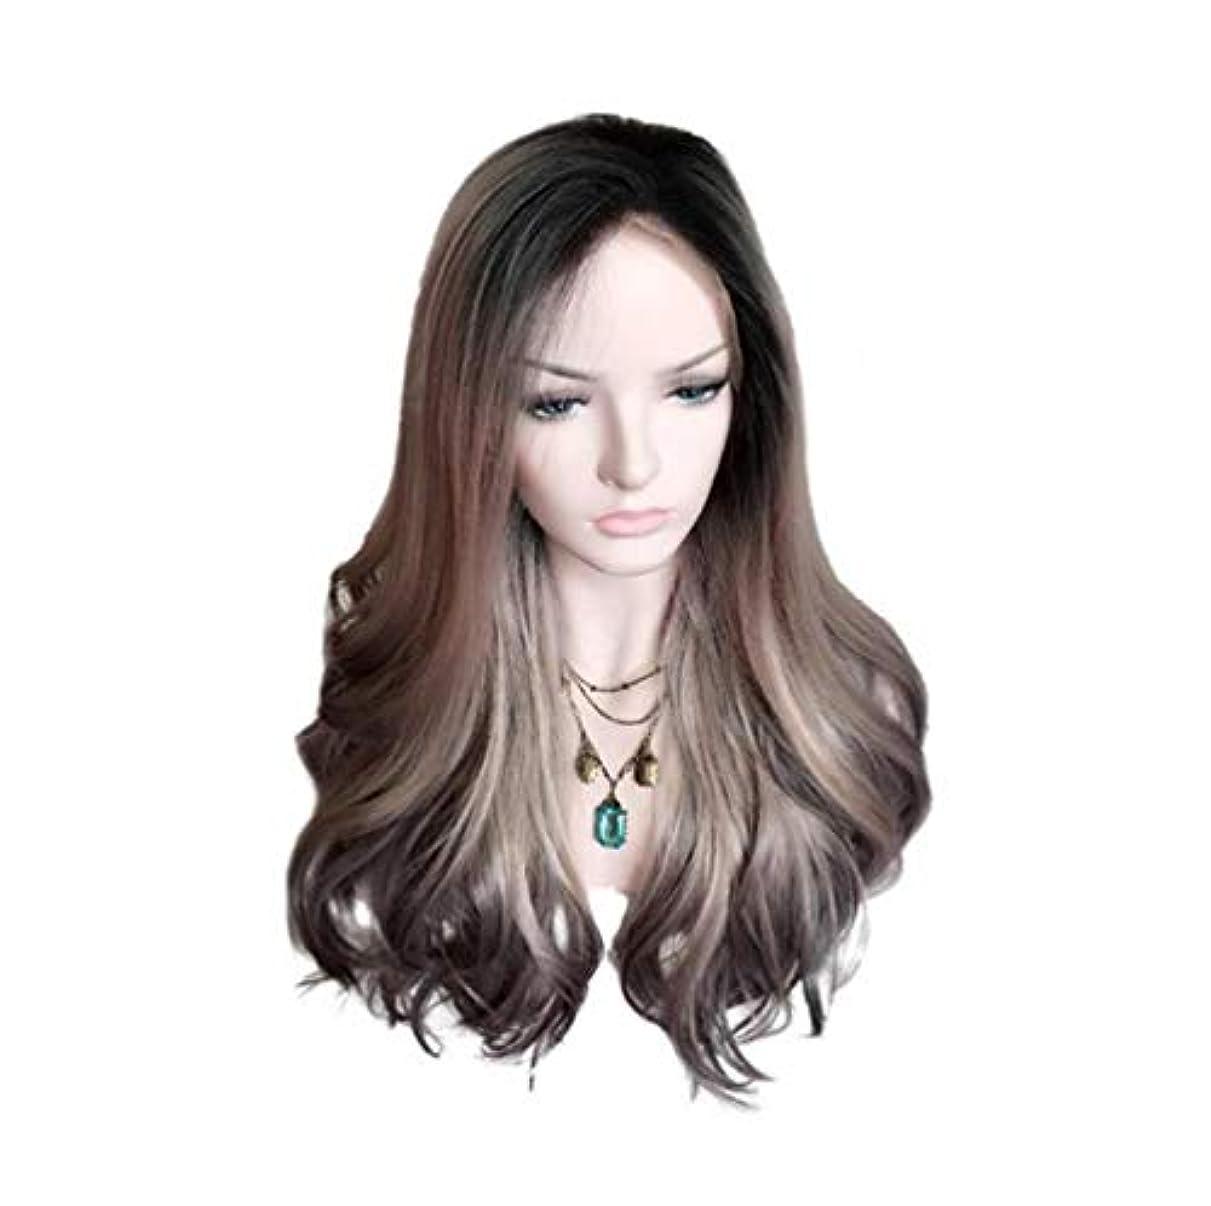 あたたかいパズルパッケージ女性ブラジルウィッグ150%密度ロングカーリーウィッグ波状かつら合成耐熱パーティーウィッググラデーション55cm